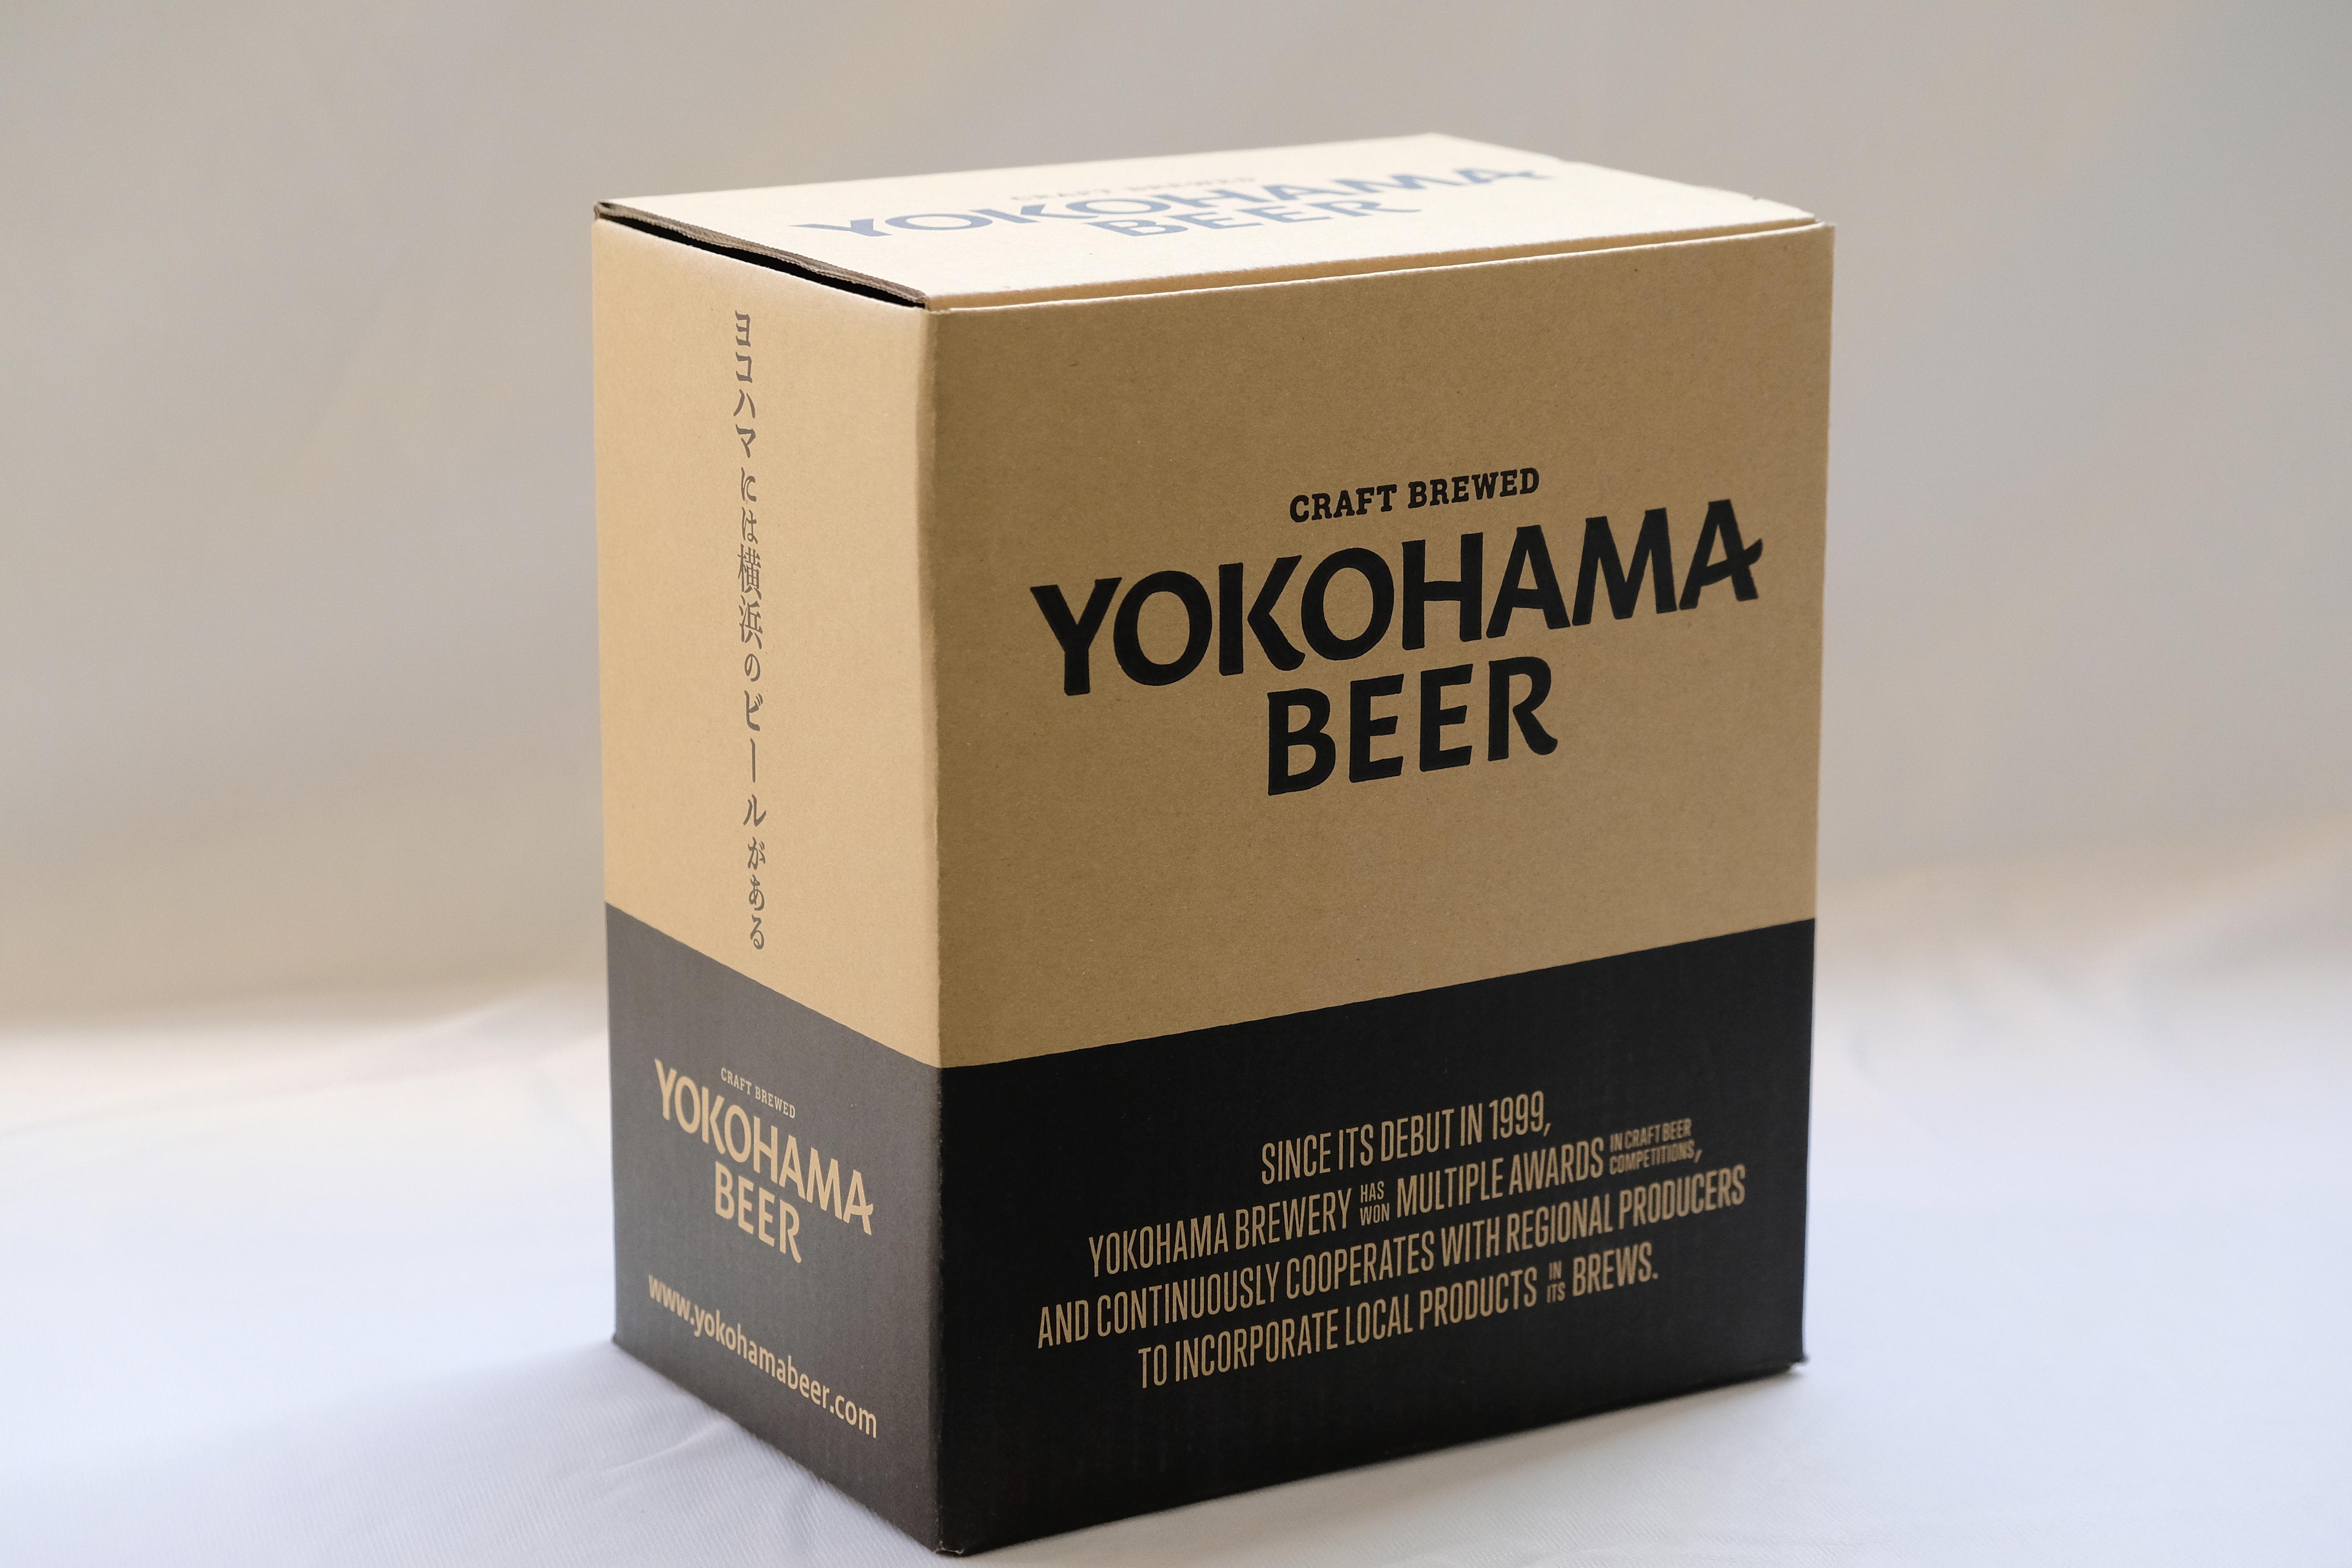 【うまやのシェフごはんセット】「驛の食卓」 大人気メニューガーリックシュリンプと横浜ビール3本セット(クール便)